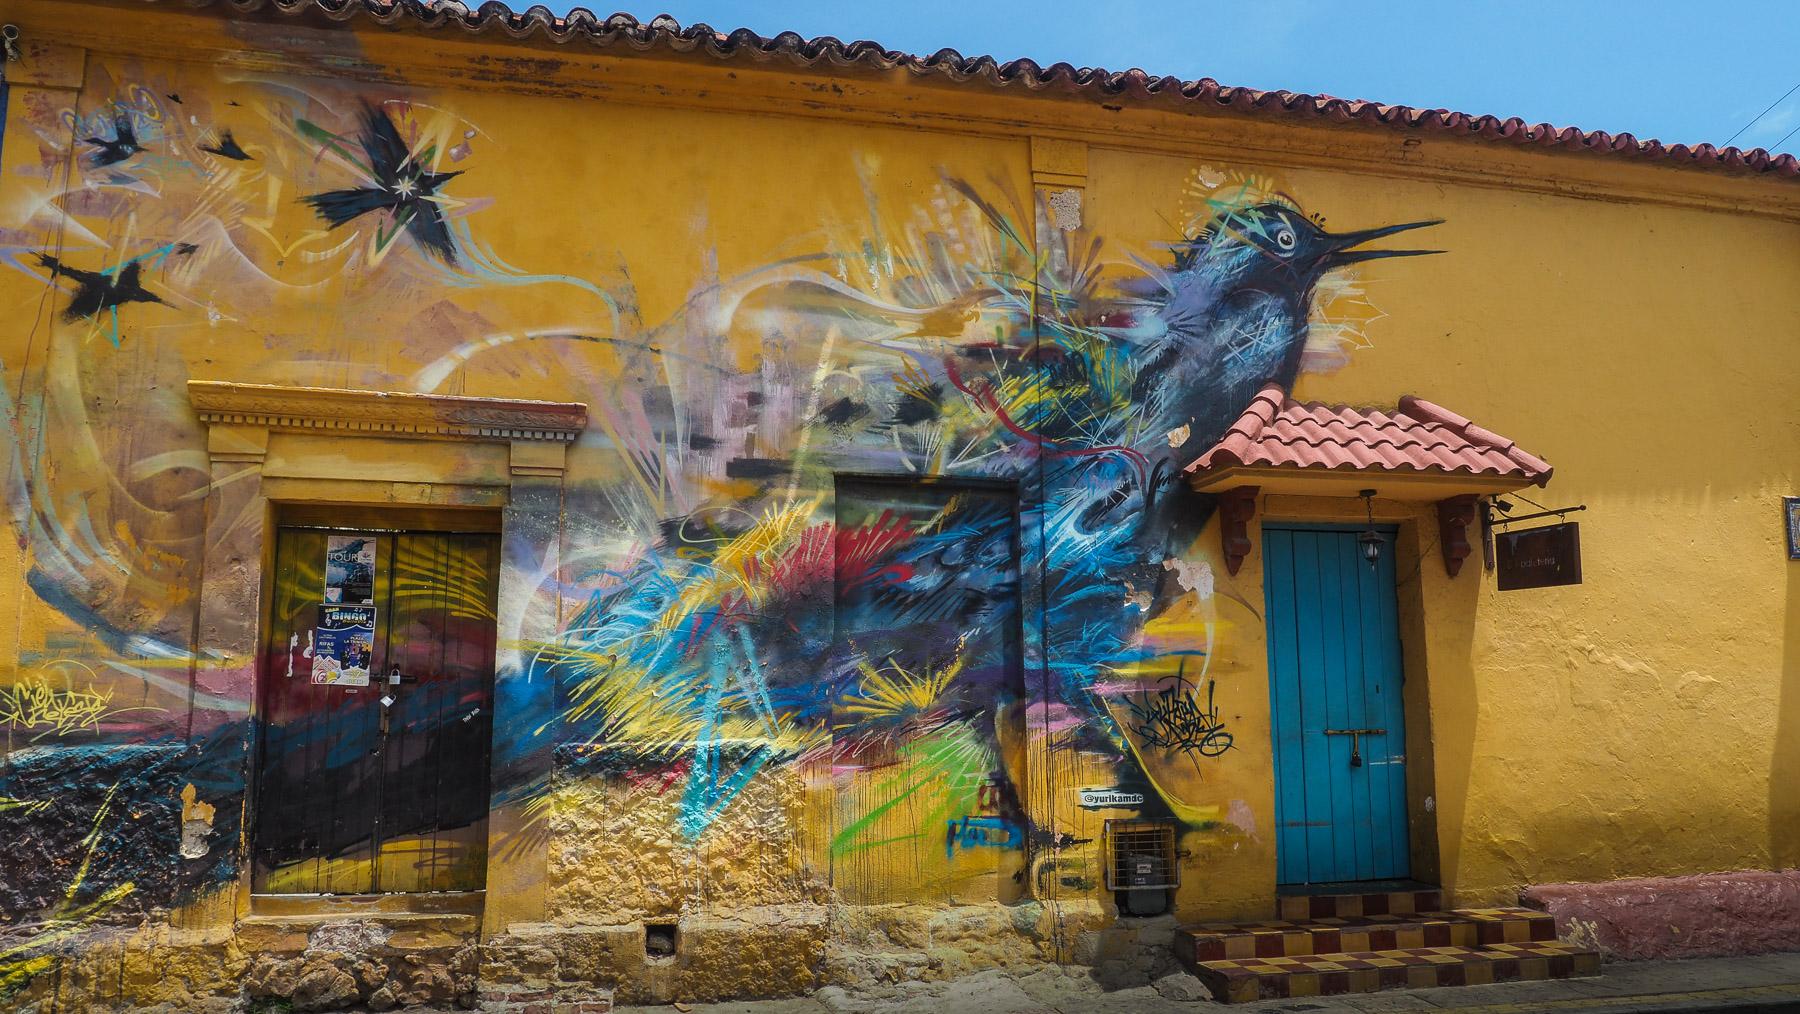 Kunstwerk an der Hauswand